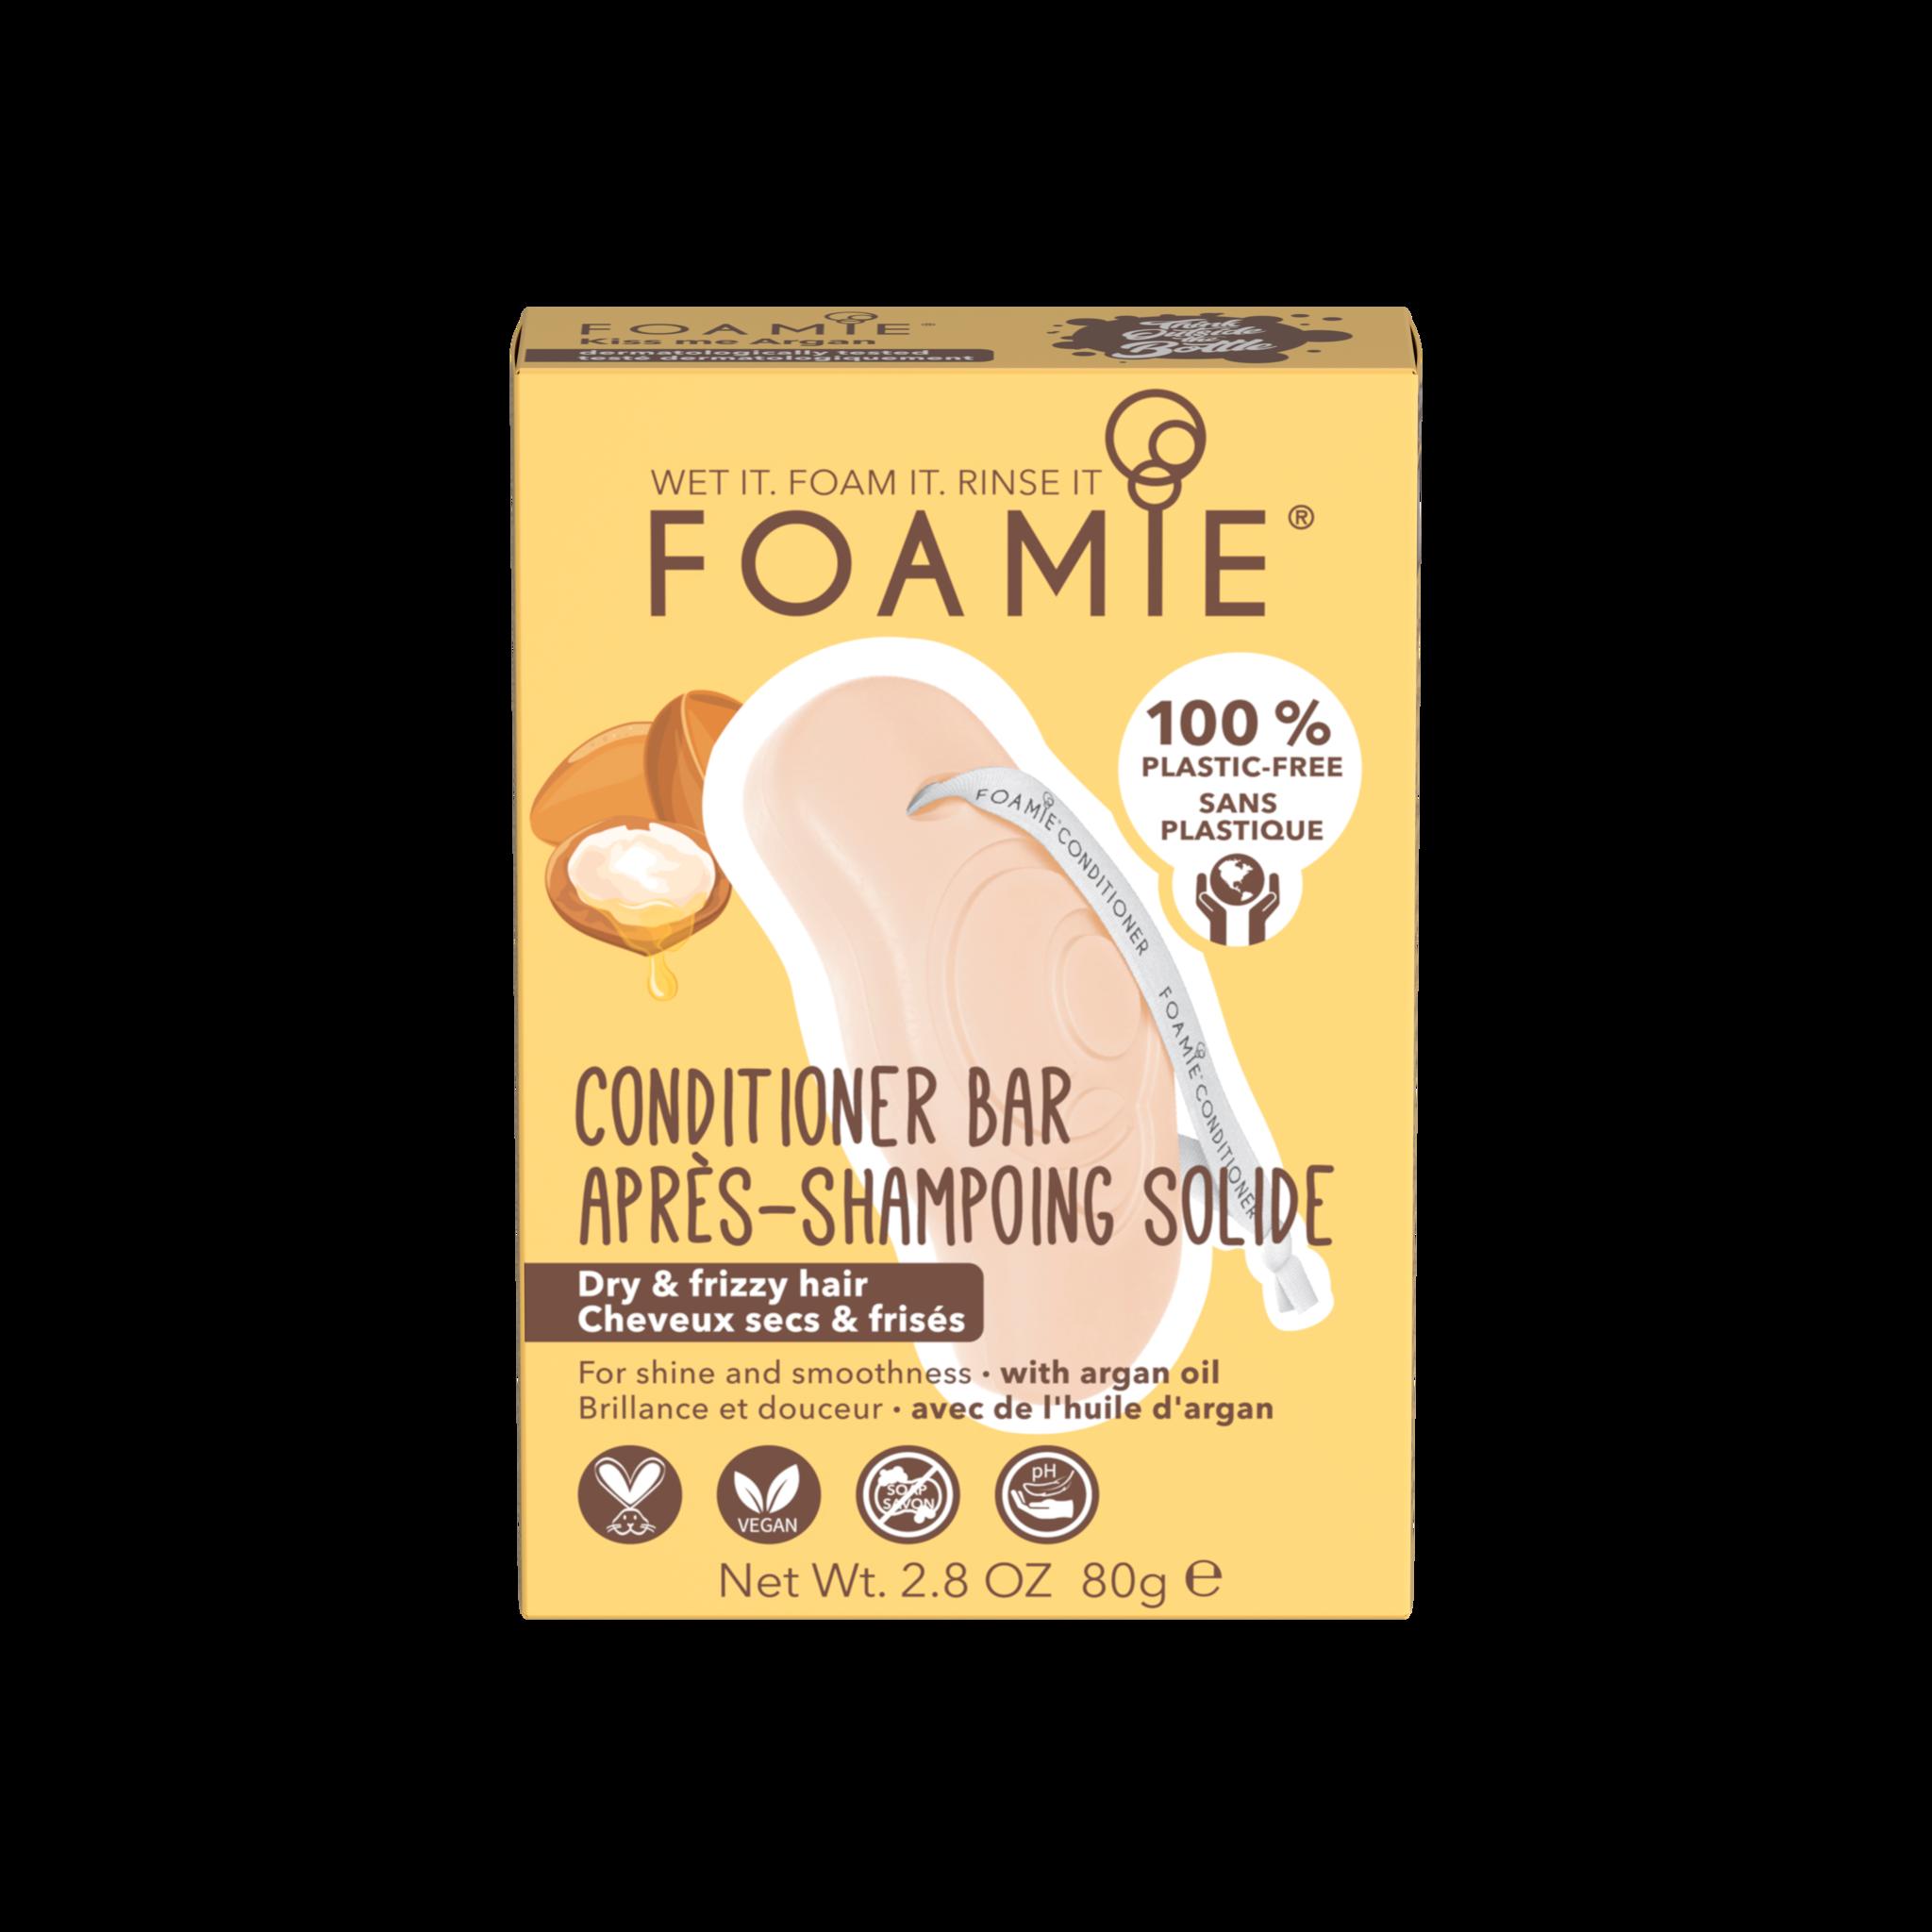 Foamie Conditioner en Barre Kiss Me Argan (Cheveux secs et frisés)